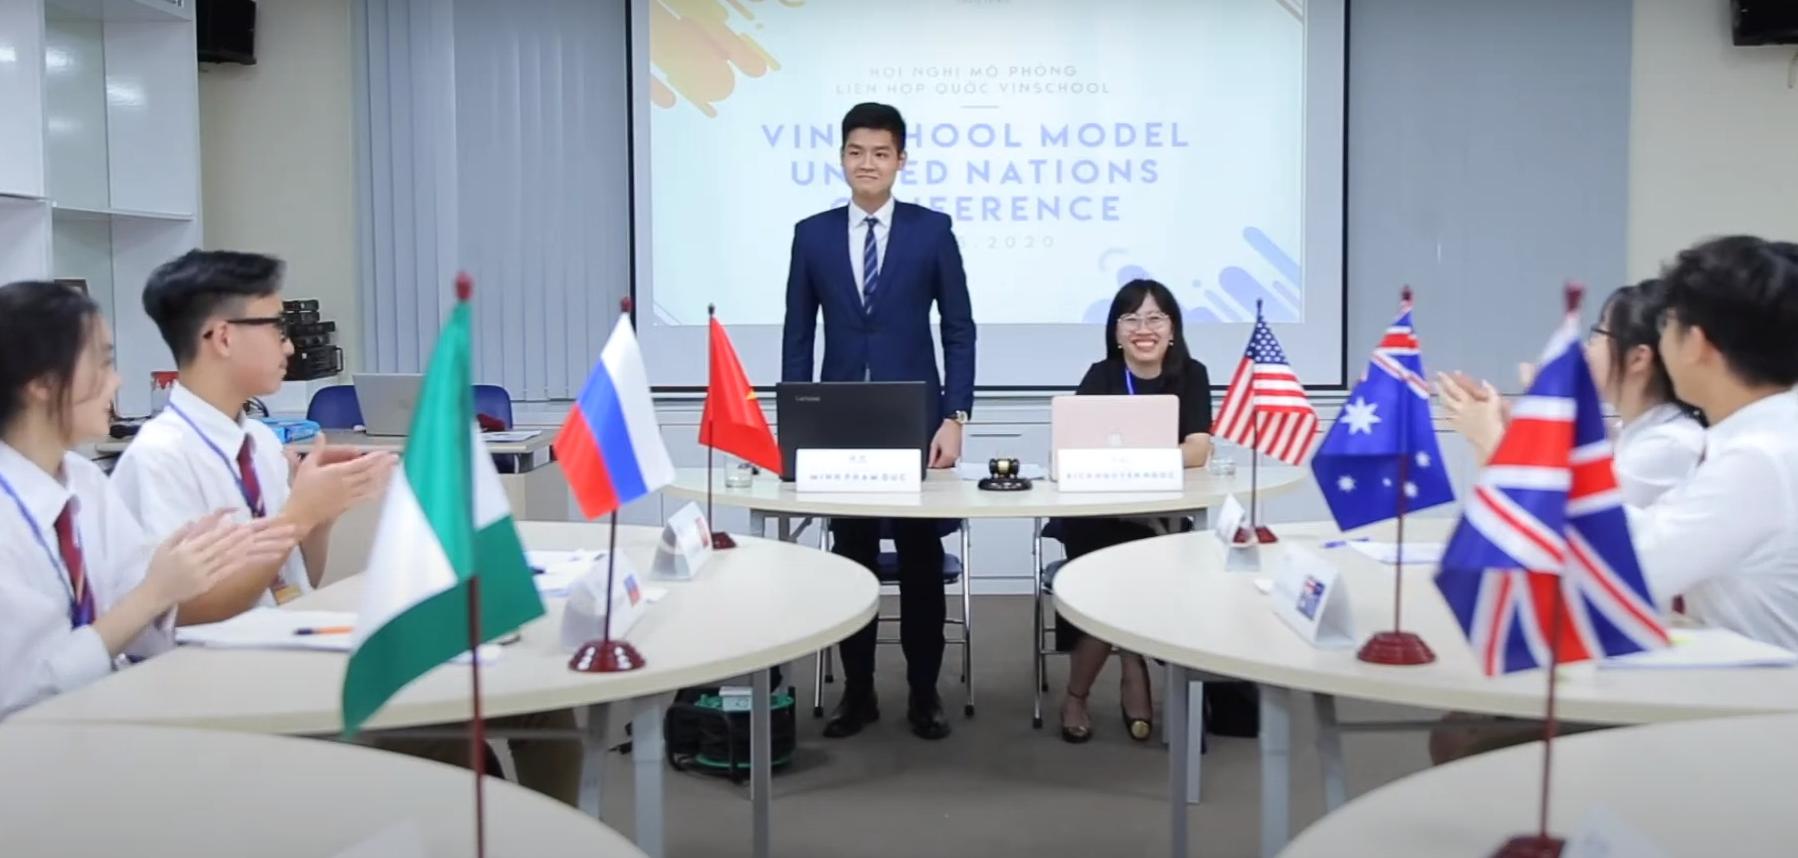 VINMUN 2020 – Hành trình đầy cảm xúc của Vinser tại Hội nghị mô phỏng Liên Hợp Quốc